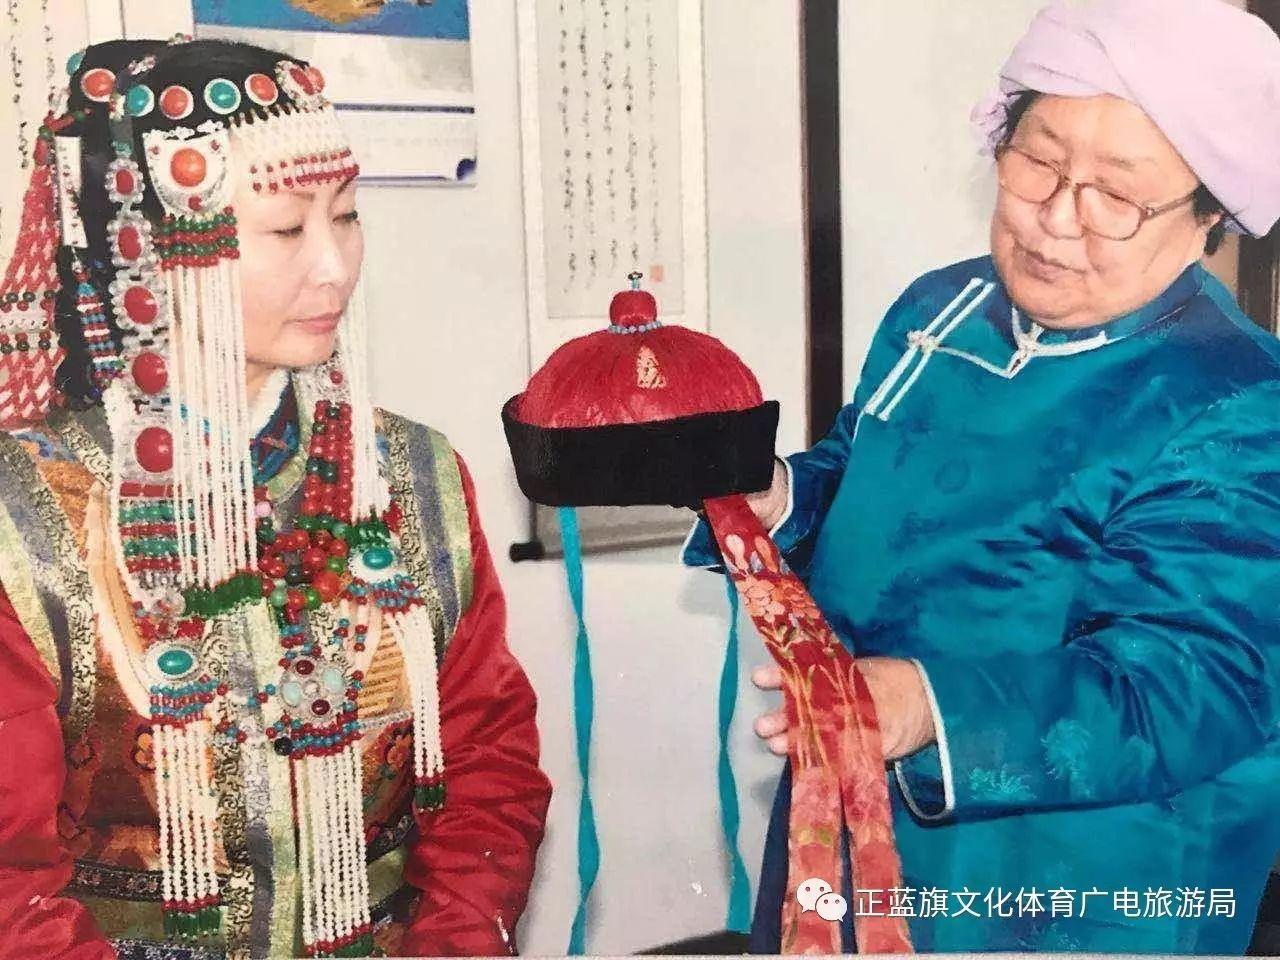 【察哈尔头饰】盟级非物质文化遗产代表性传承人—色·乌云毕力格 第5张